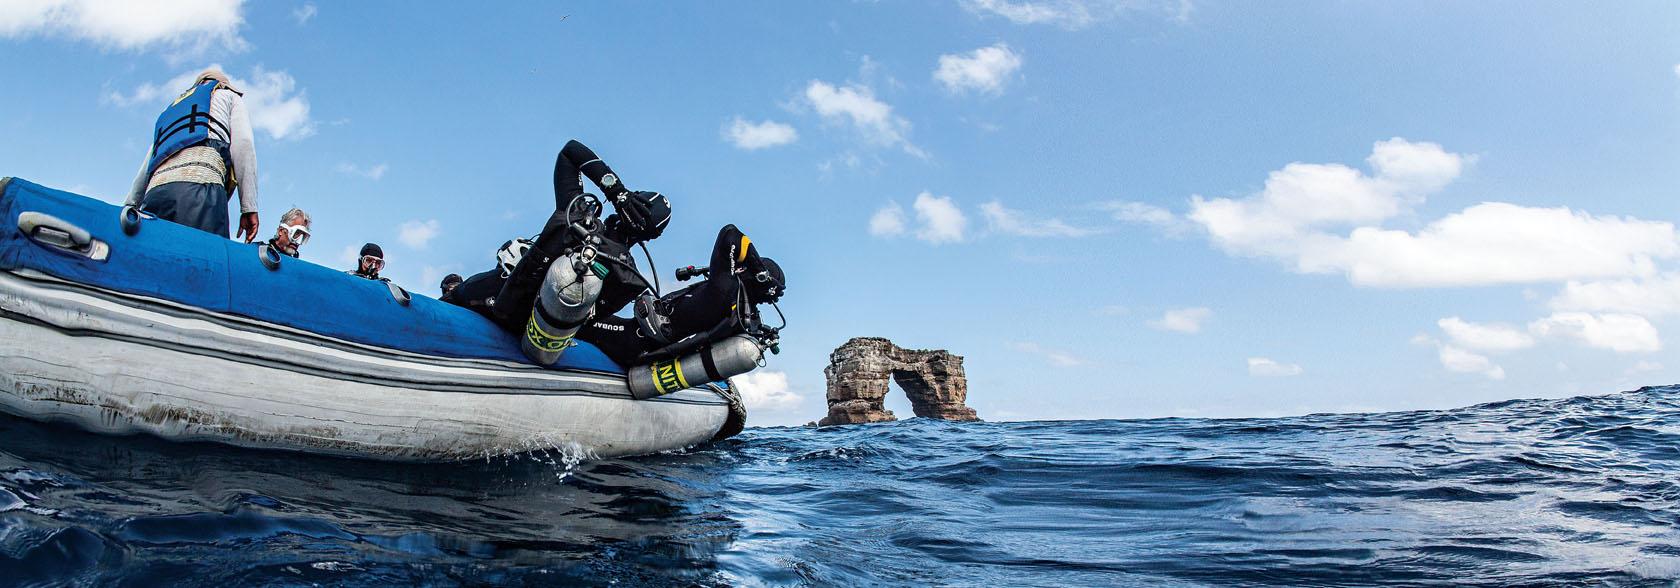 Dykkere laver backroll fra gummibåd